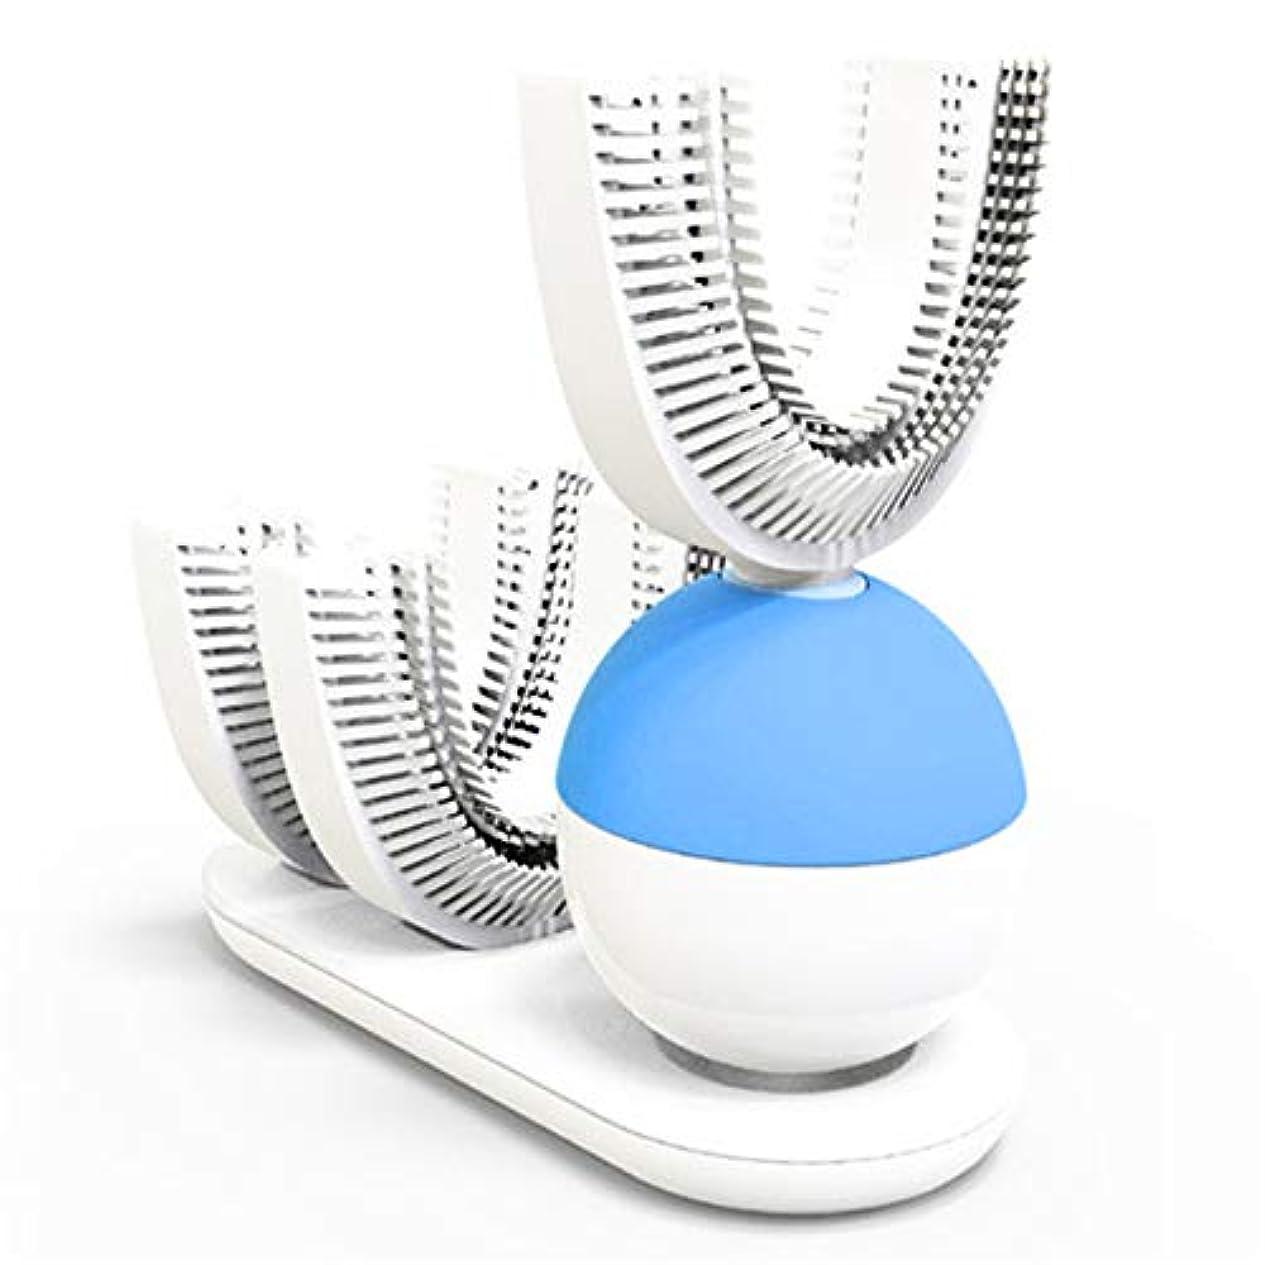 持っているシェフミント電動歯ブラシ 自動歯ブラシ U型 360°全方位 超音波 怠け者歯ブラシ ワイヤレス充電 歯ブラシヘッド付き